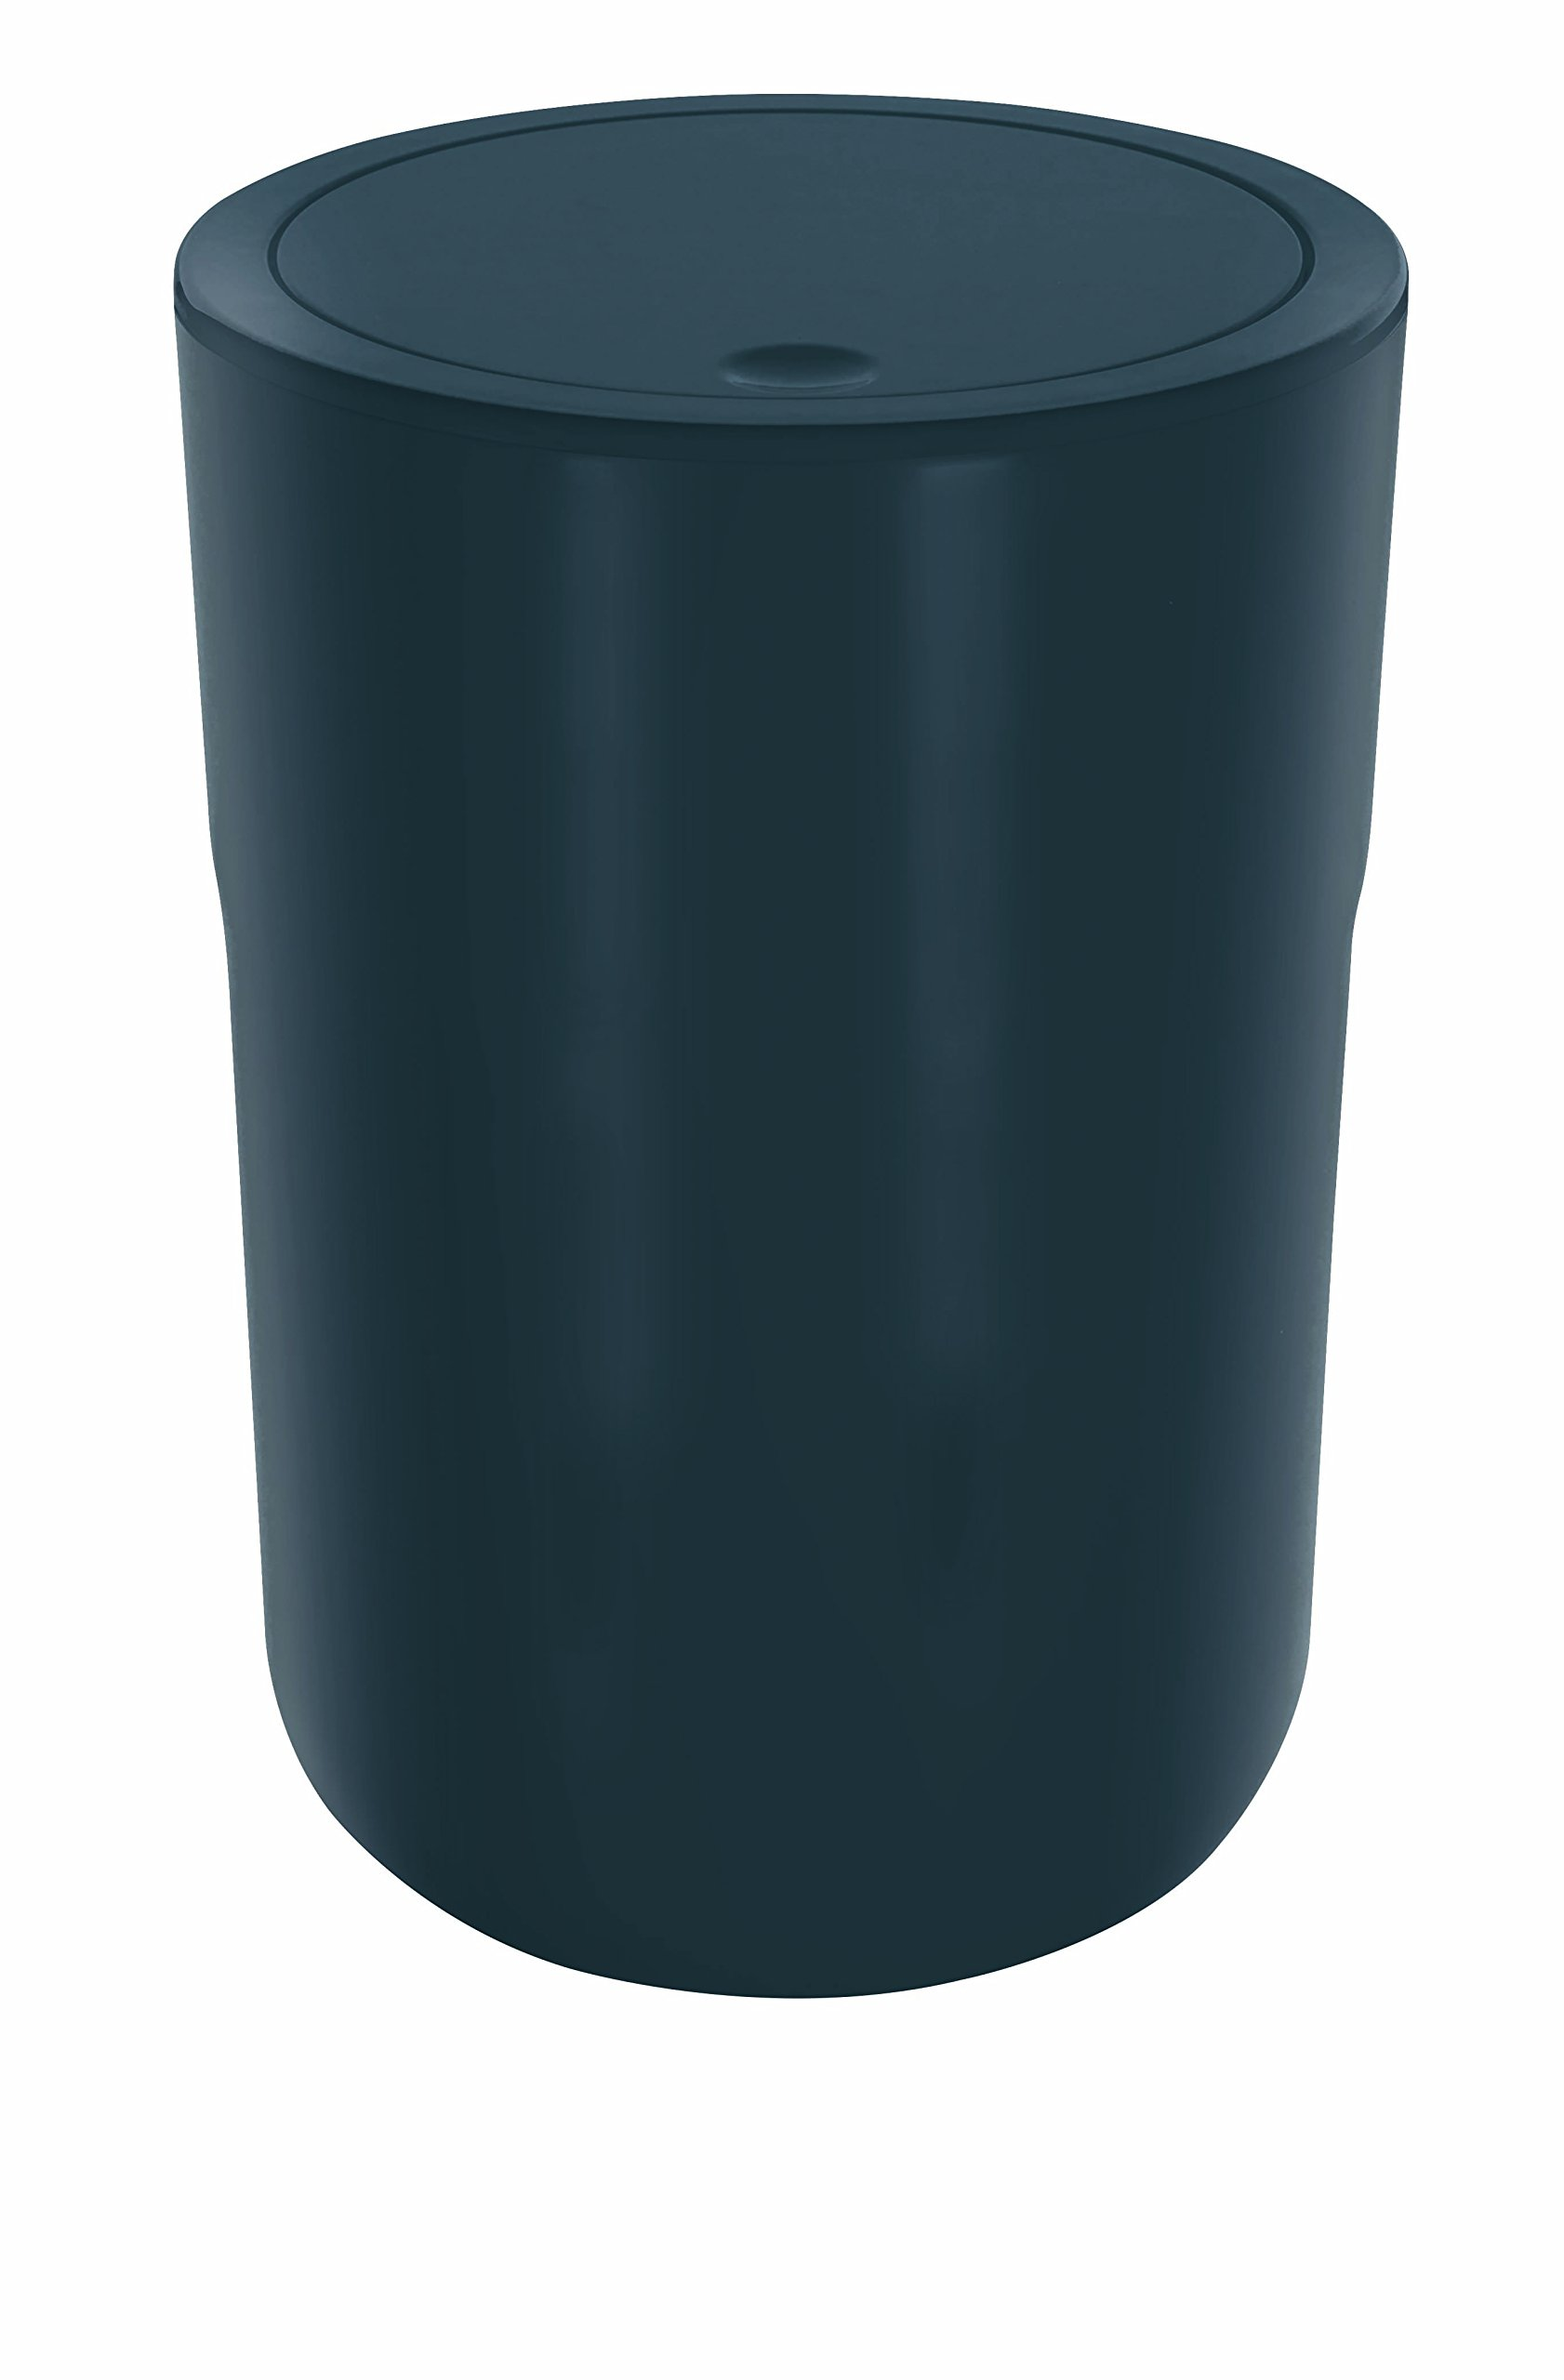 Spirella Design Kosmetikeimer Cocco Bad Treteimer Schwingdeckeleimer Abfallbehalter Mit Schwingdeckel 5 Liter Ratgeber Haus Garten